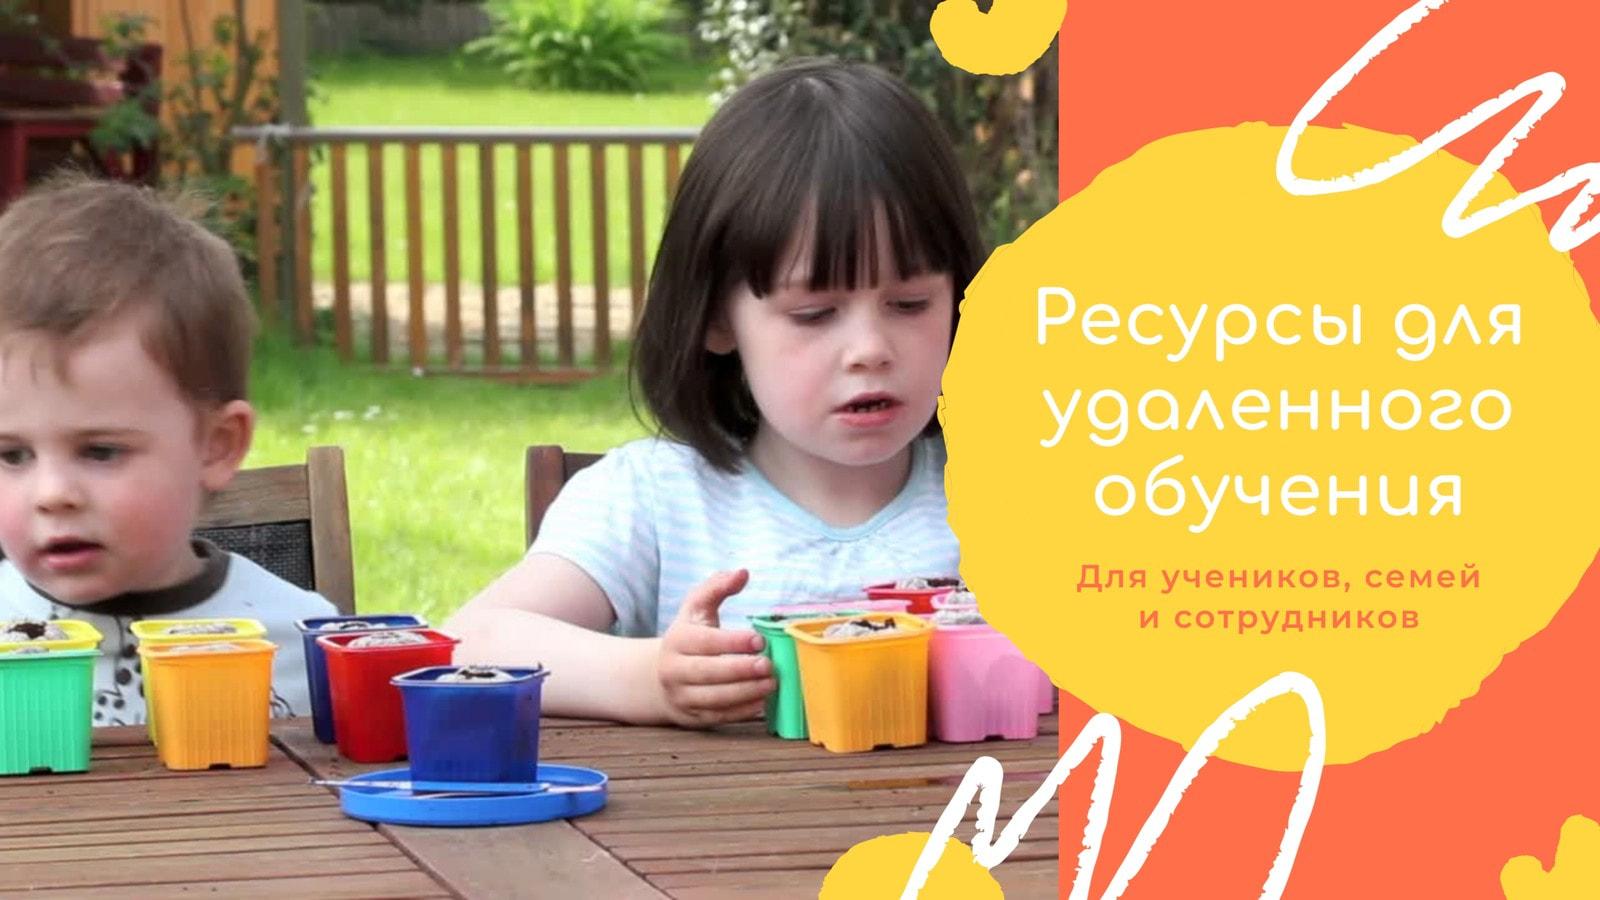 Оранжевое, Желтое и Белое Школы/Дистанционное Обучение 16:9 Видео